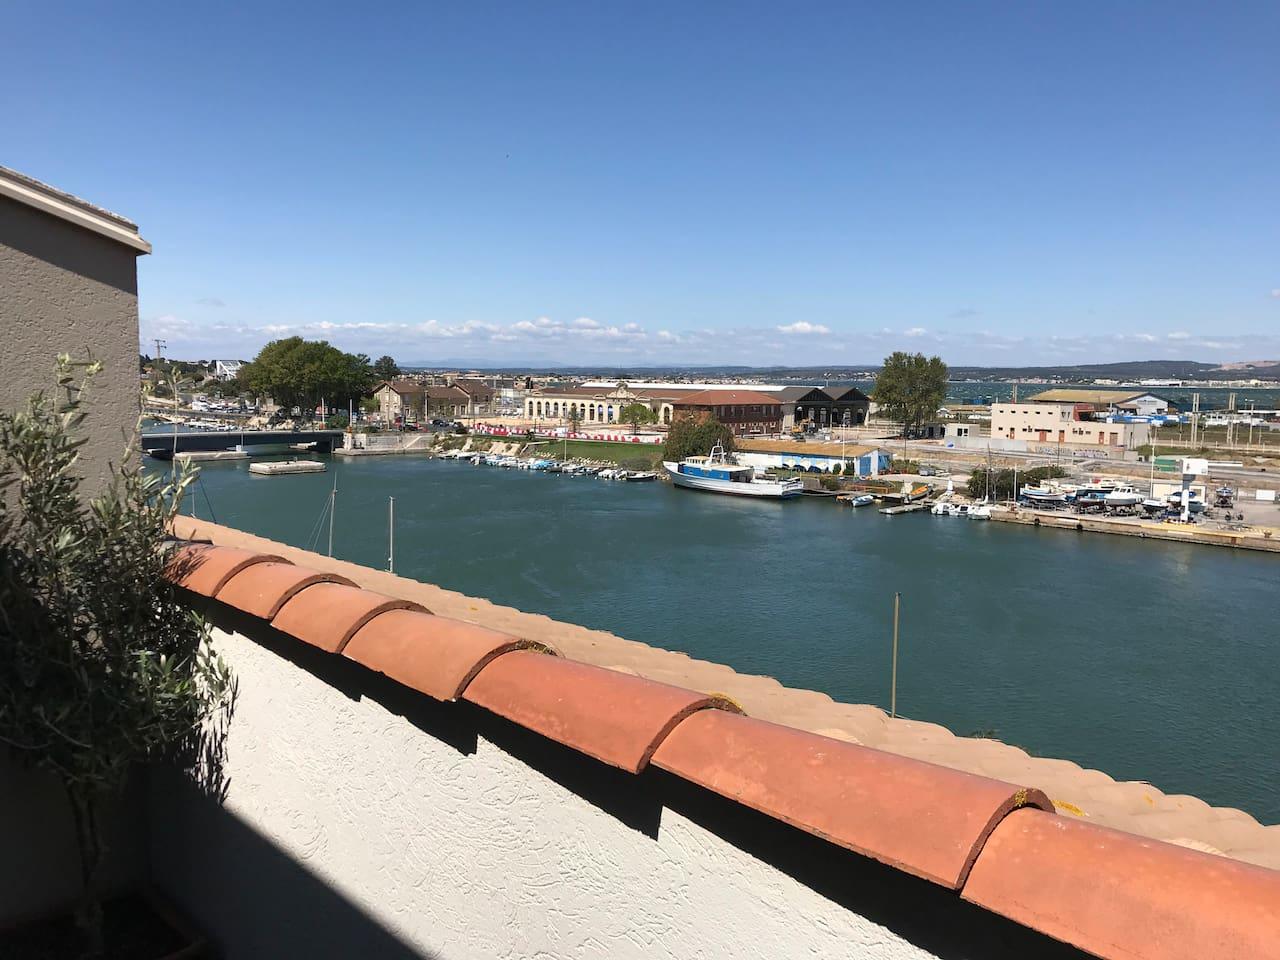 Vue depuis la terrasse sur canal et étang de Thau derrière la gare SNCF